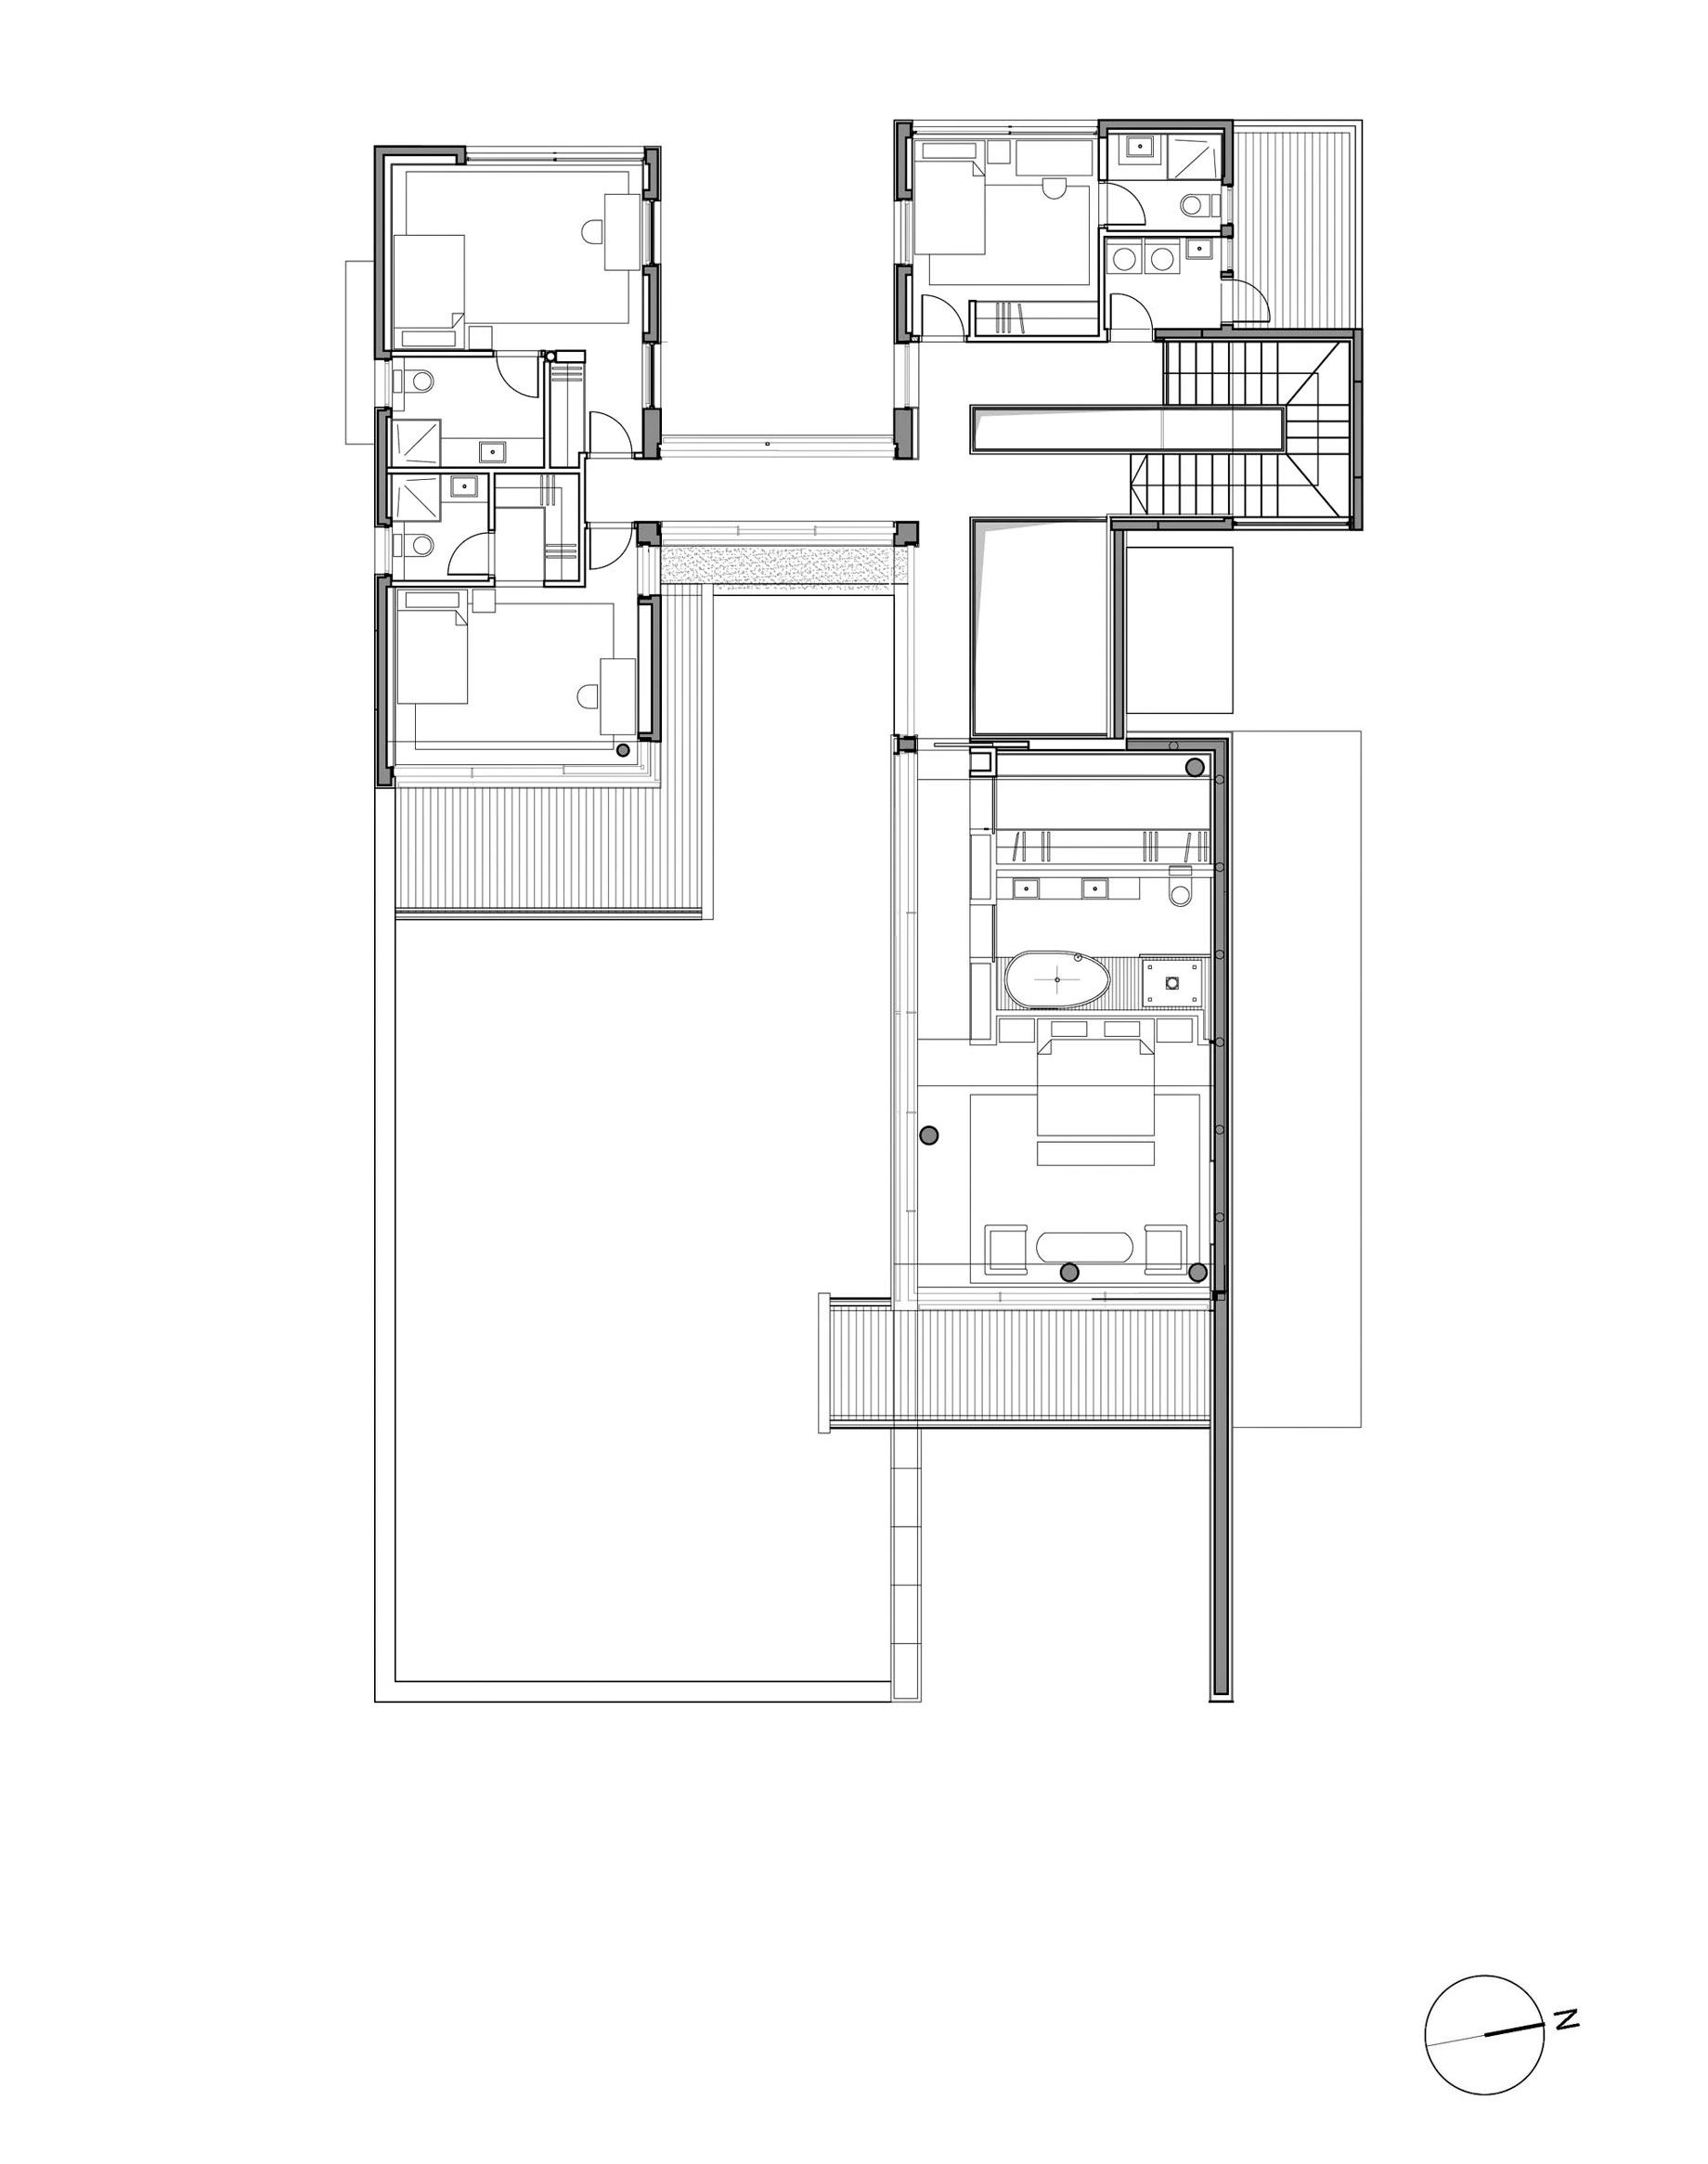 Plans d'étage - Résidence Villa C - Césarée, Haïfa, Israël